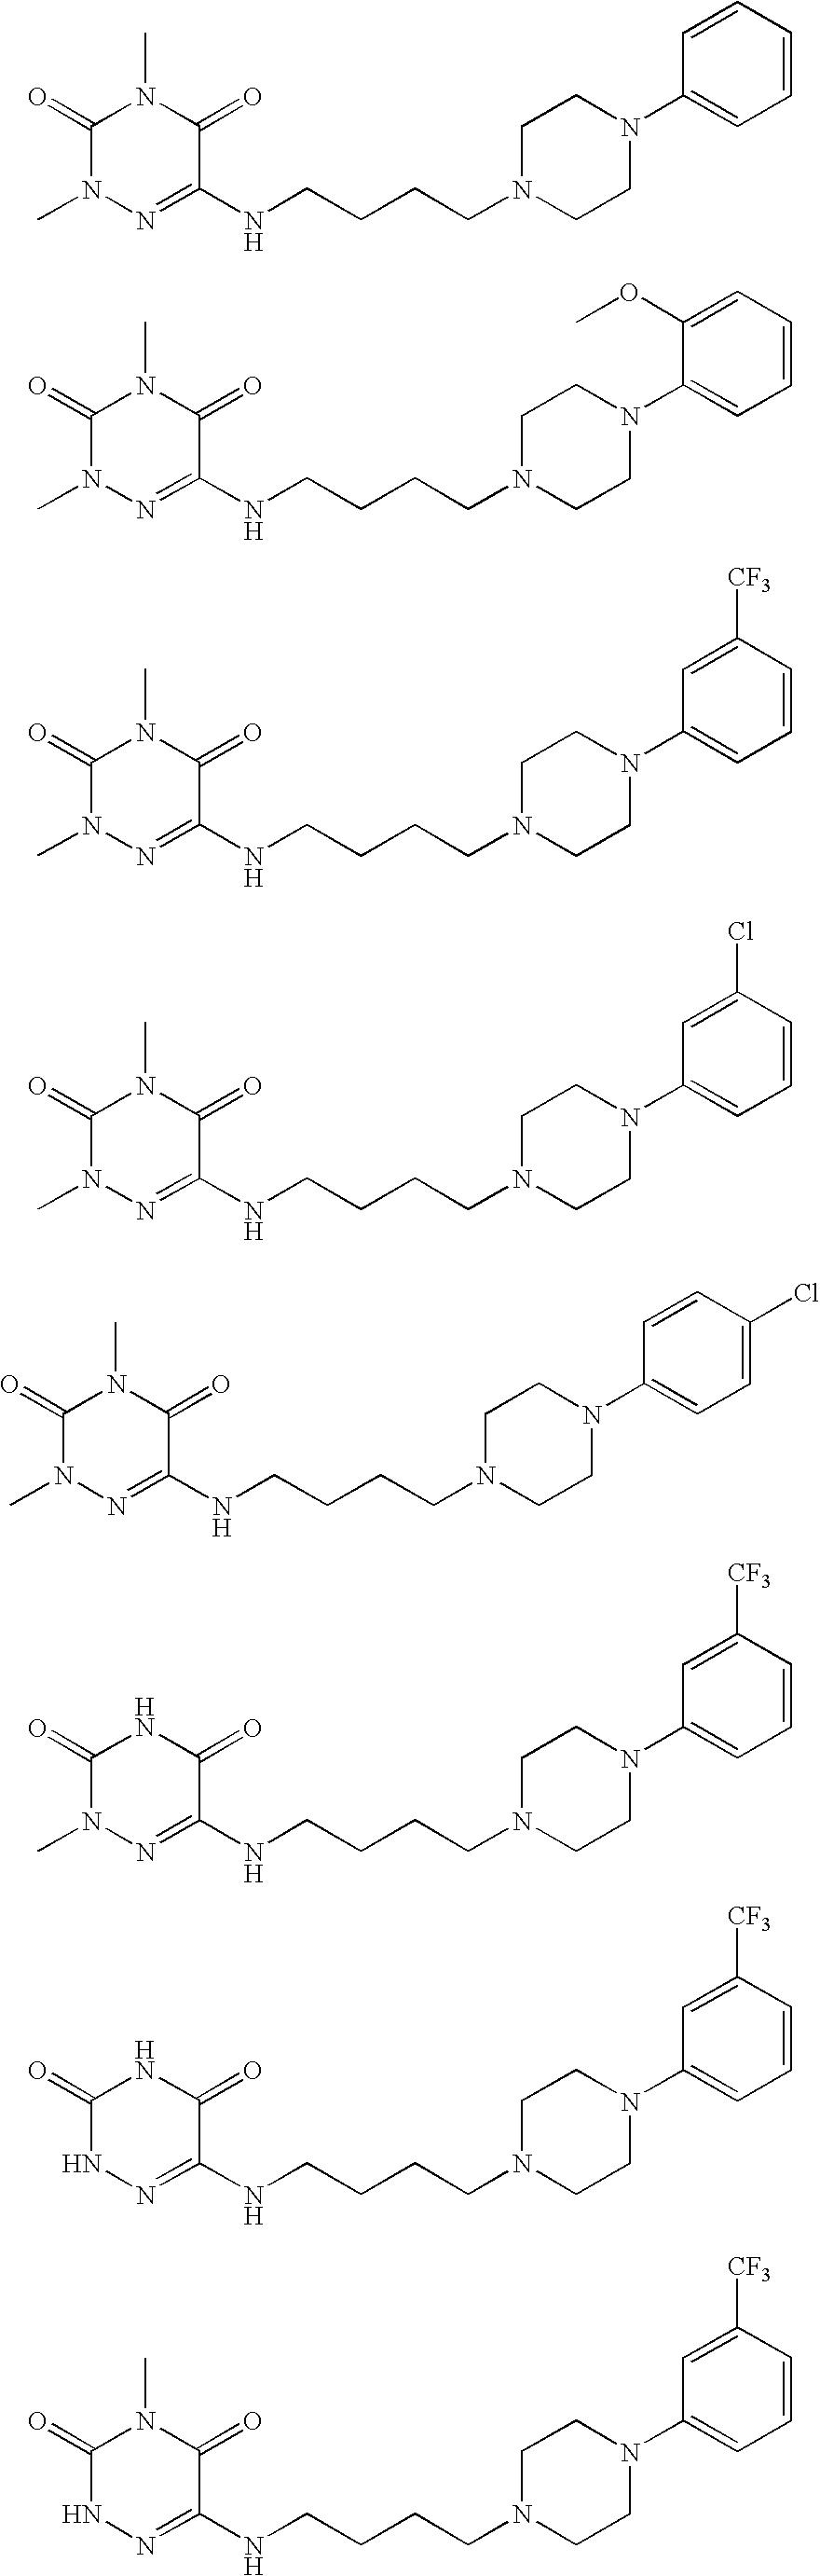 Figure US20100009983A1-20100114-C00082